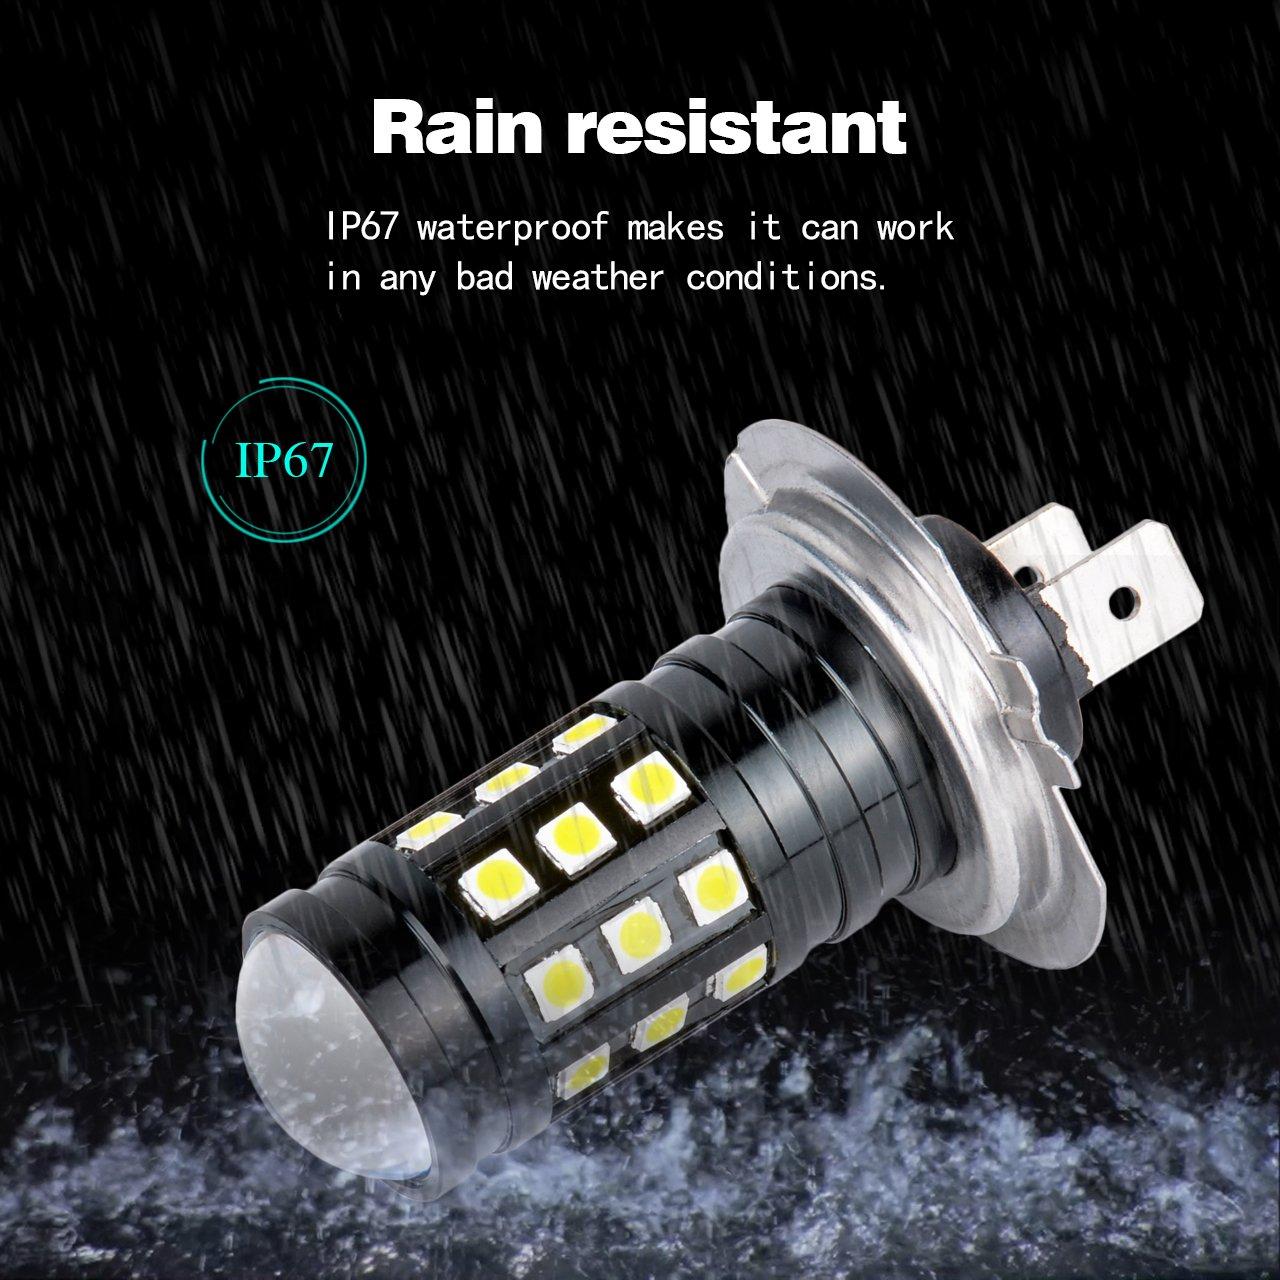 NATGIC Super Bright 2PCS 2700 Lumens 3030 27SMD H7 Lens LED Bulbs for DRL Bulbs Fog Lights Day Running Light Lamp 12V-24V 6000K White